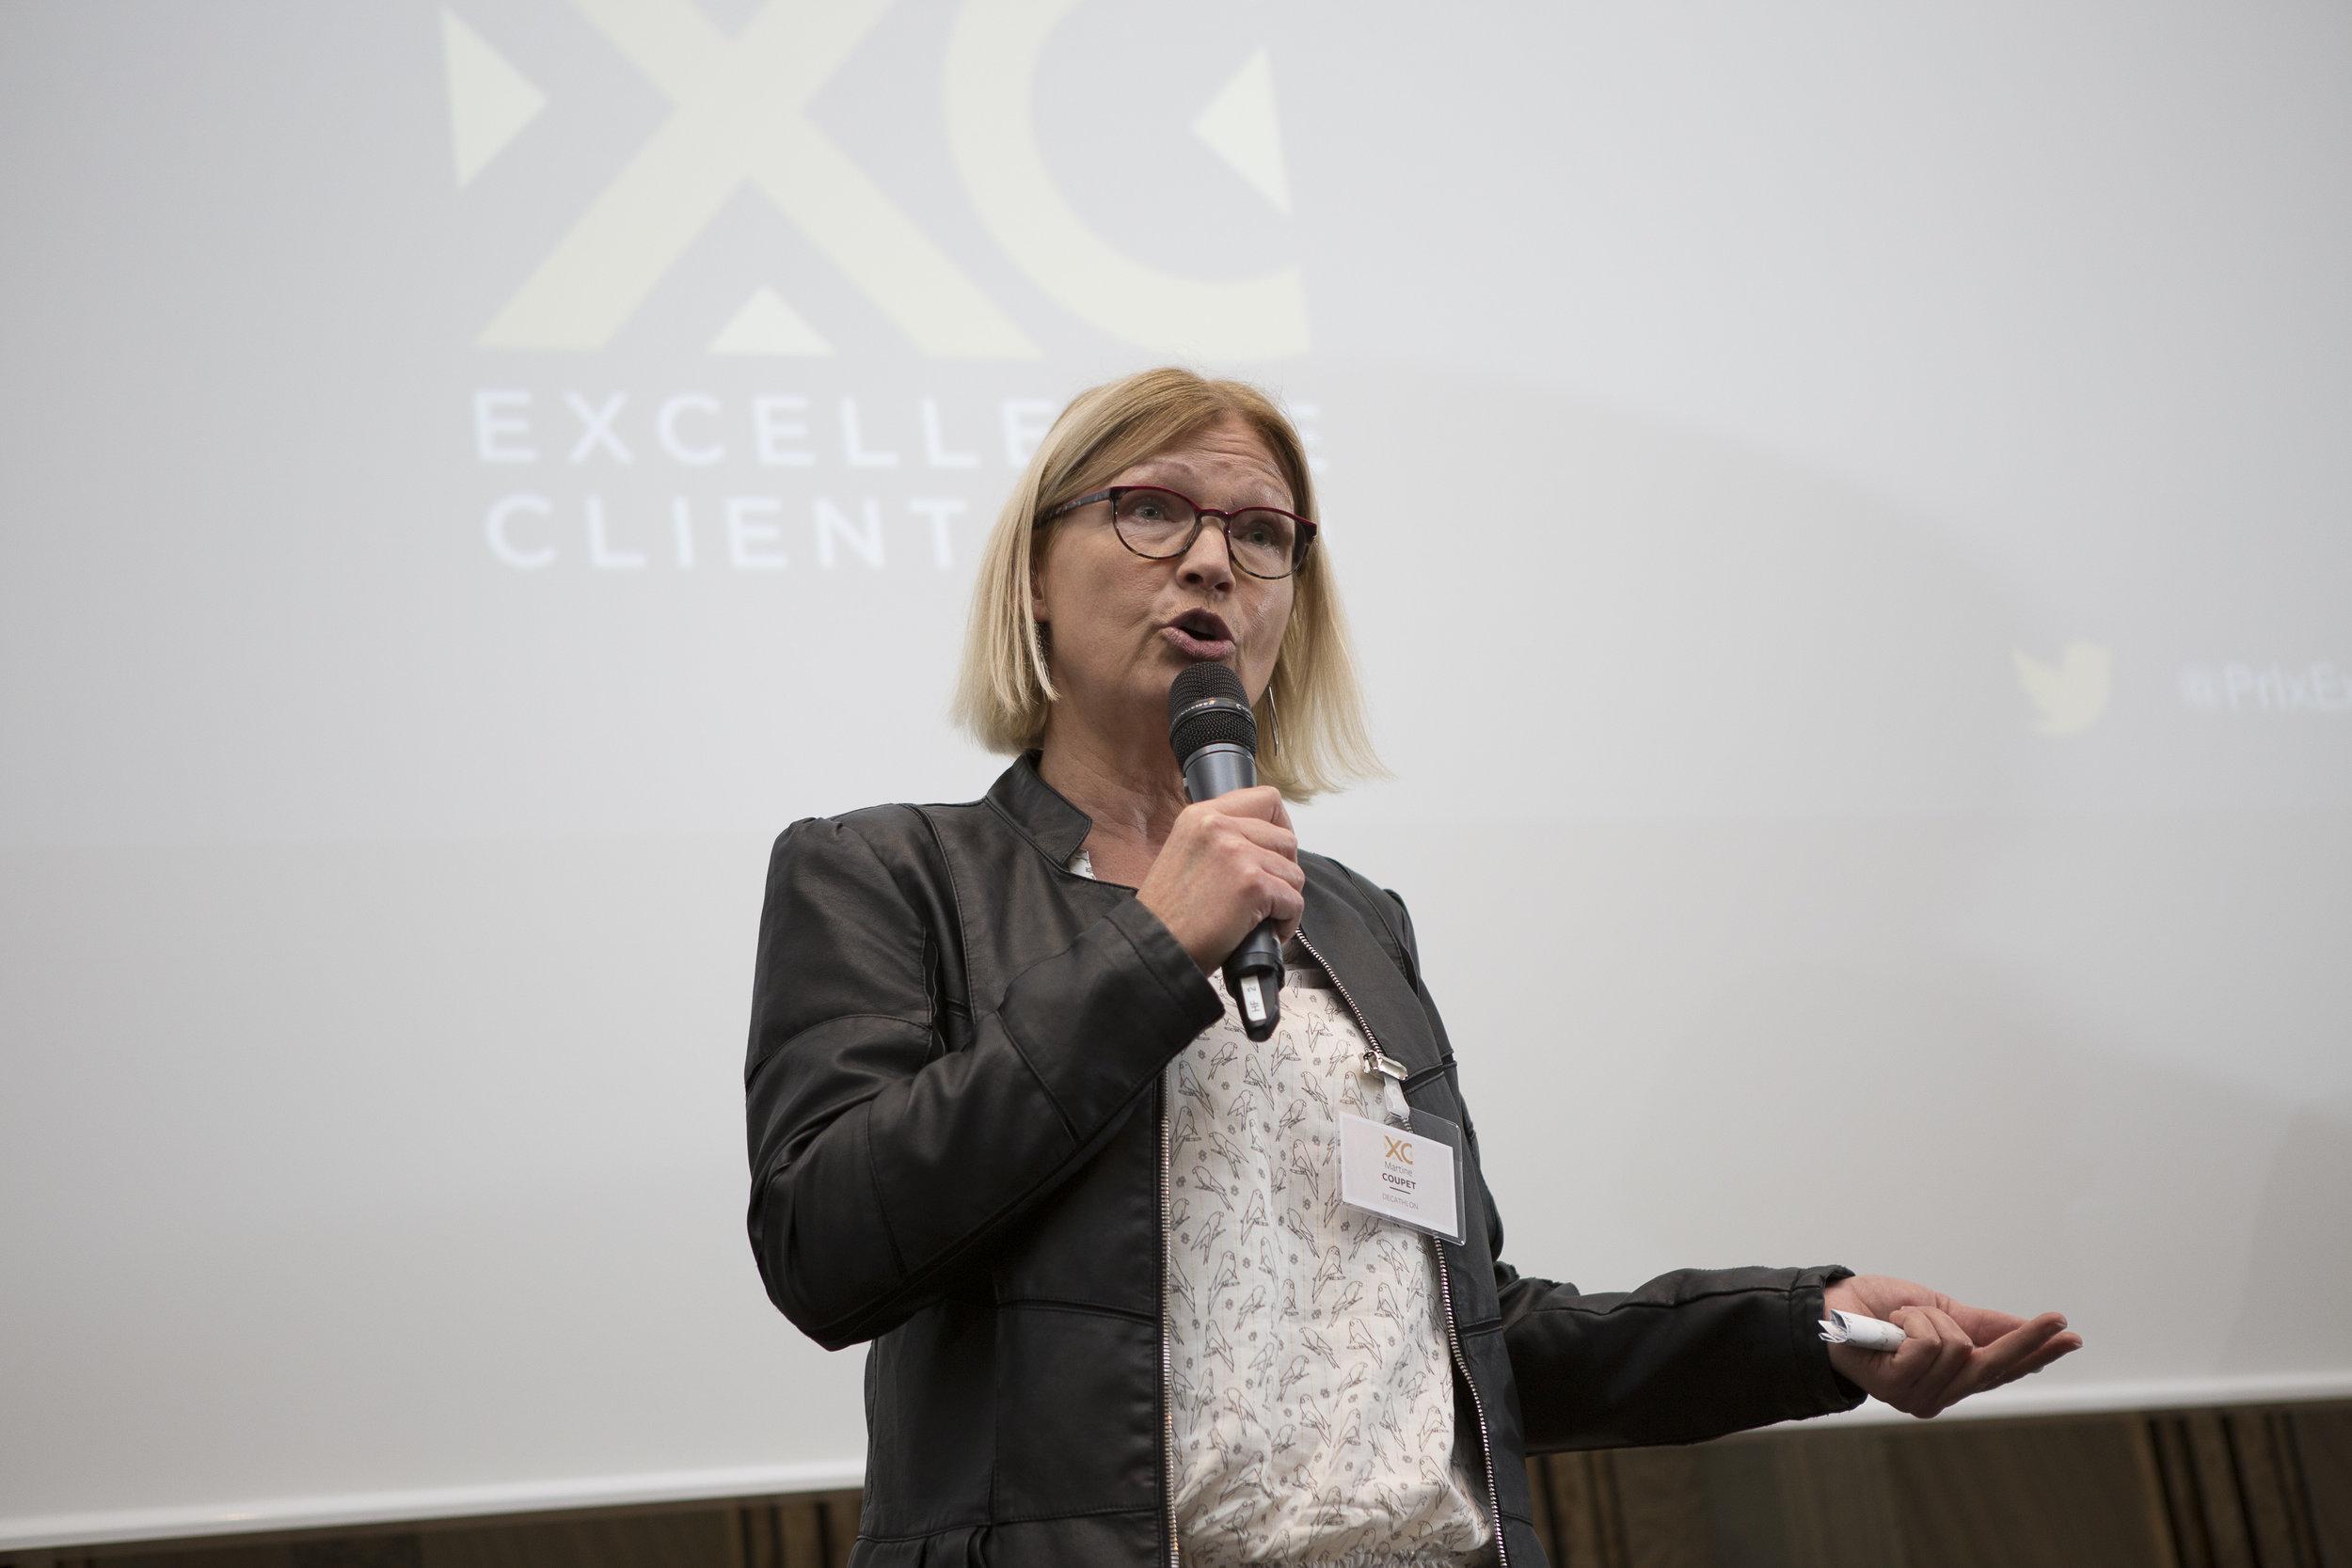 Excellence Client 2019 - La scène 43.jpg